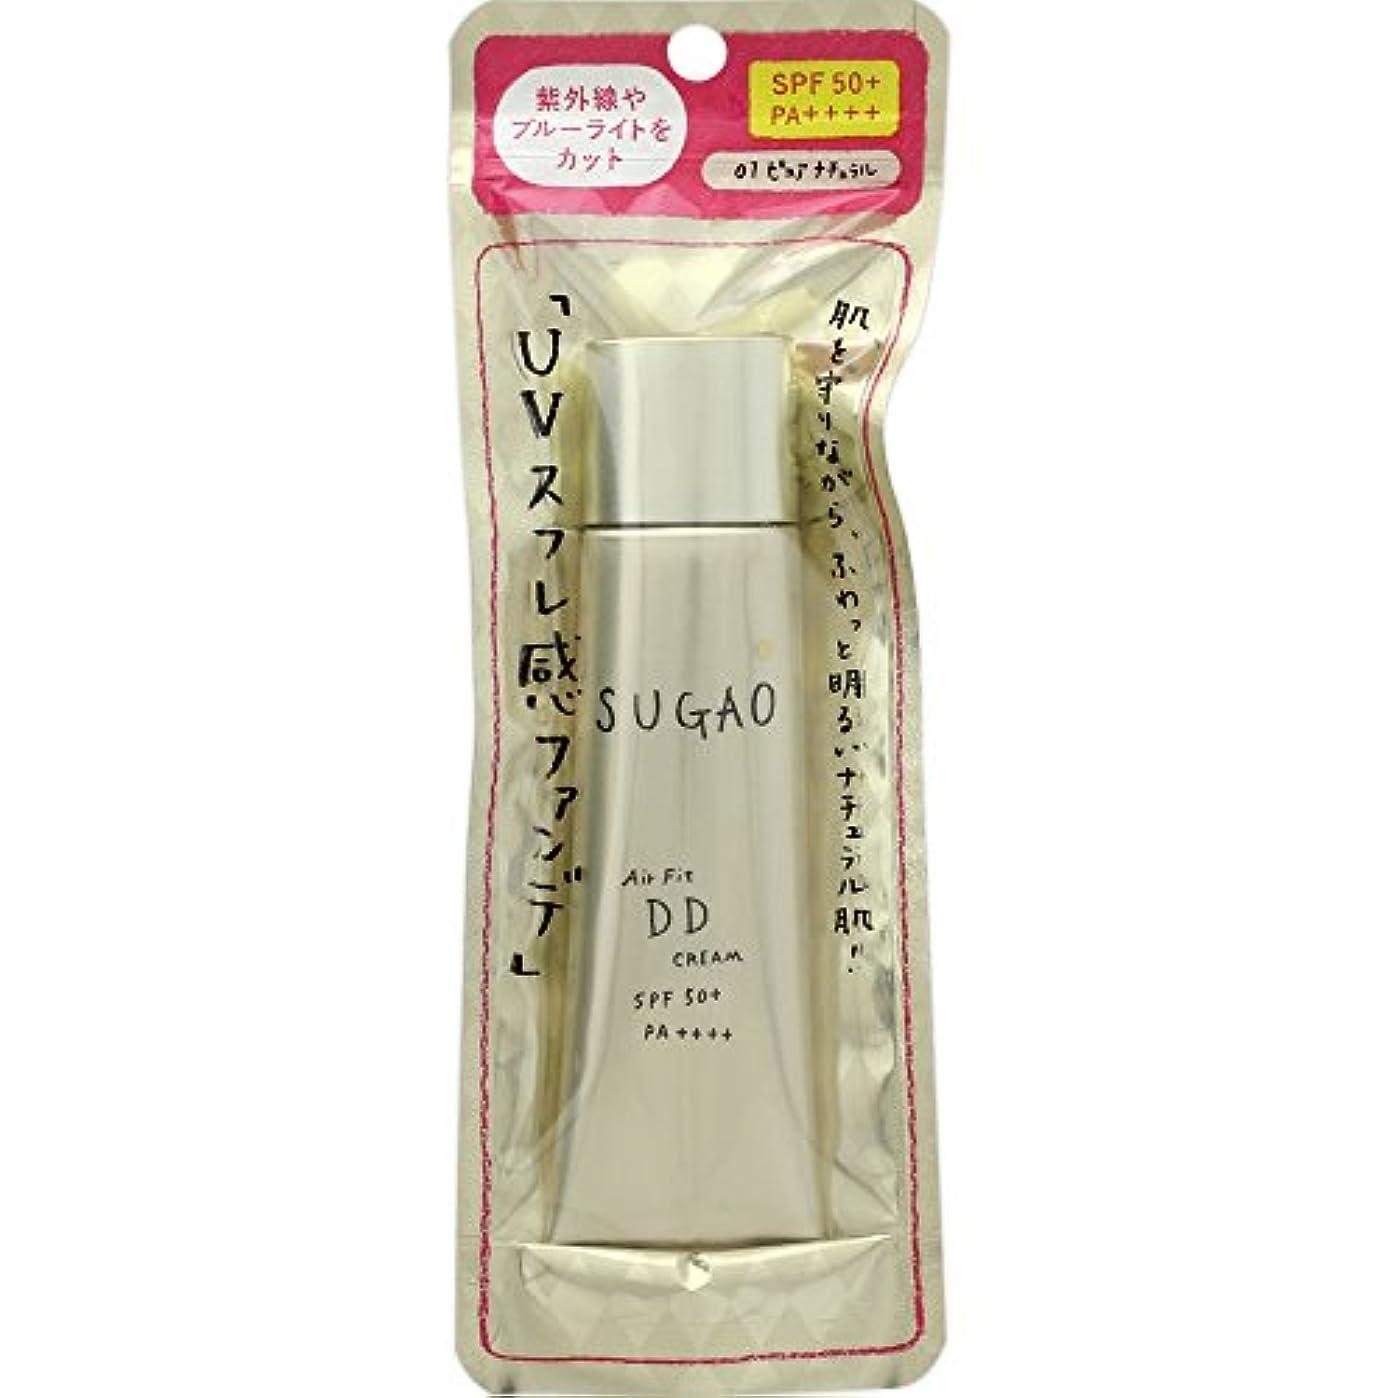 ボウルメディカル憎しみスガオ (SUGAO) エアーフィット DDクリーム ピュアナチュラル SPF50+ PA++++ 25g